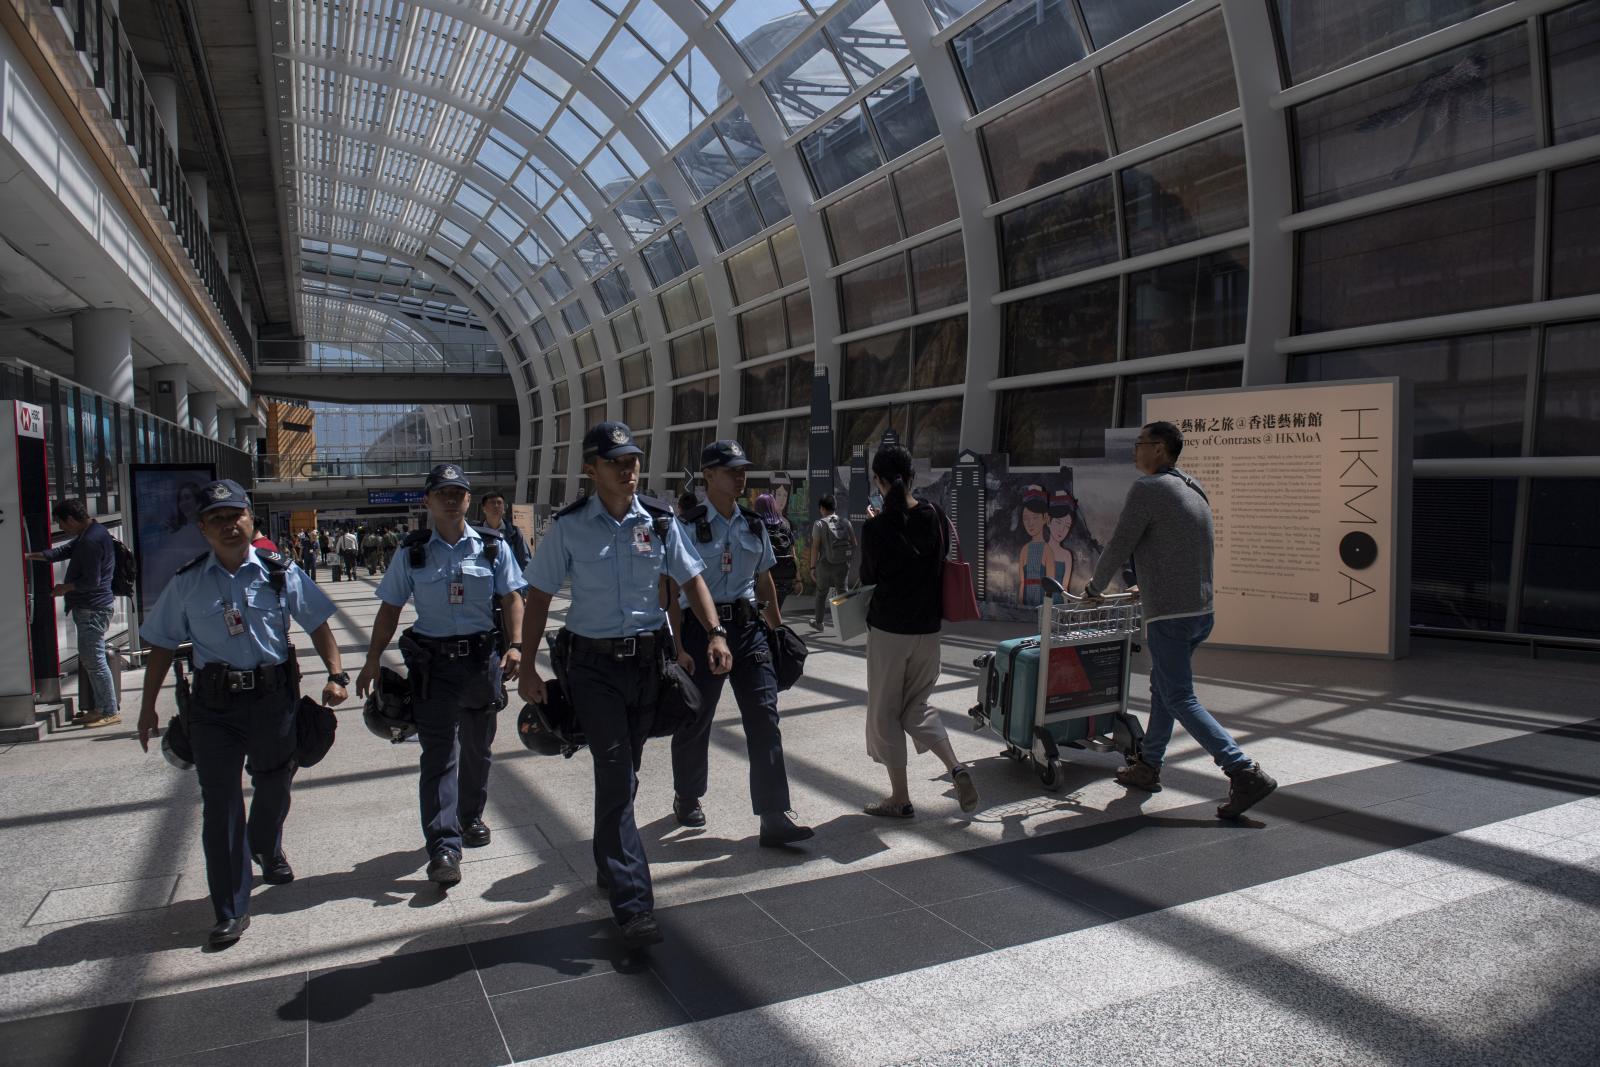 เผยผู้โดยสารสนามบินฮ่องกงลดลงมากสุดในรอบกว่า 10 ปี